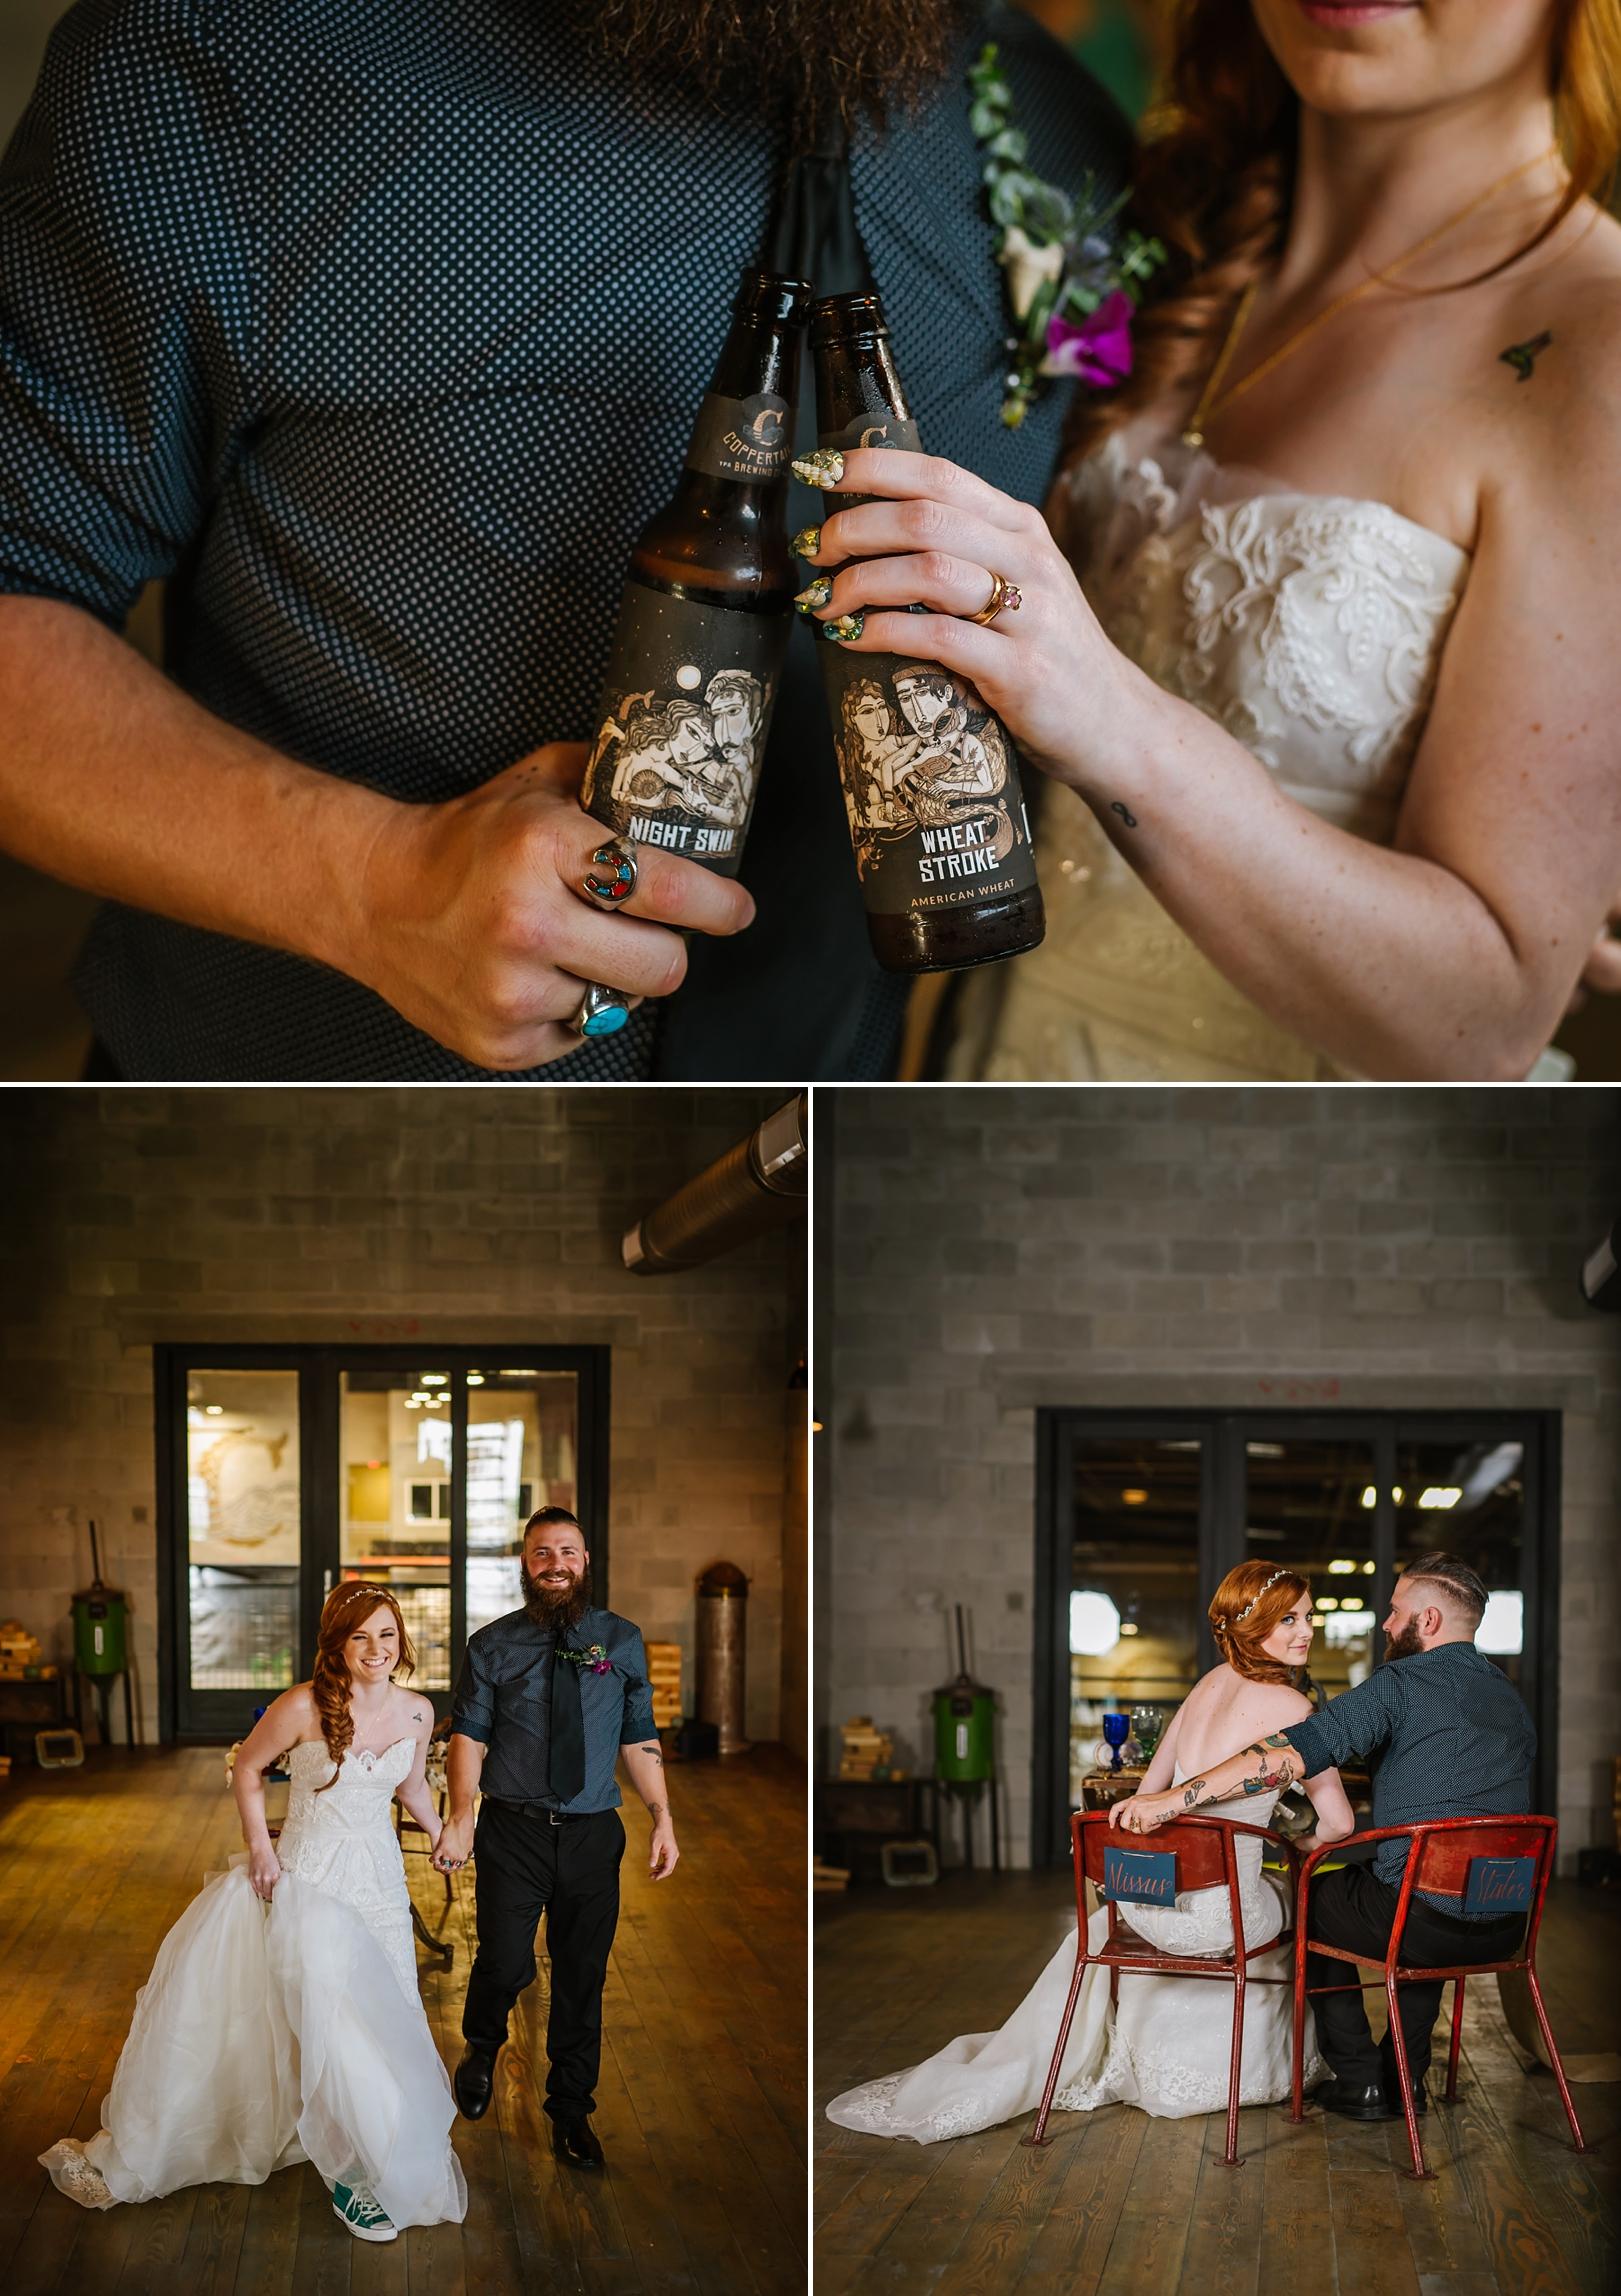 blue-nautical-brewery-unique-wedding-inspiration-photography-ashlee-hamon_0022.jpg